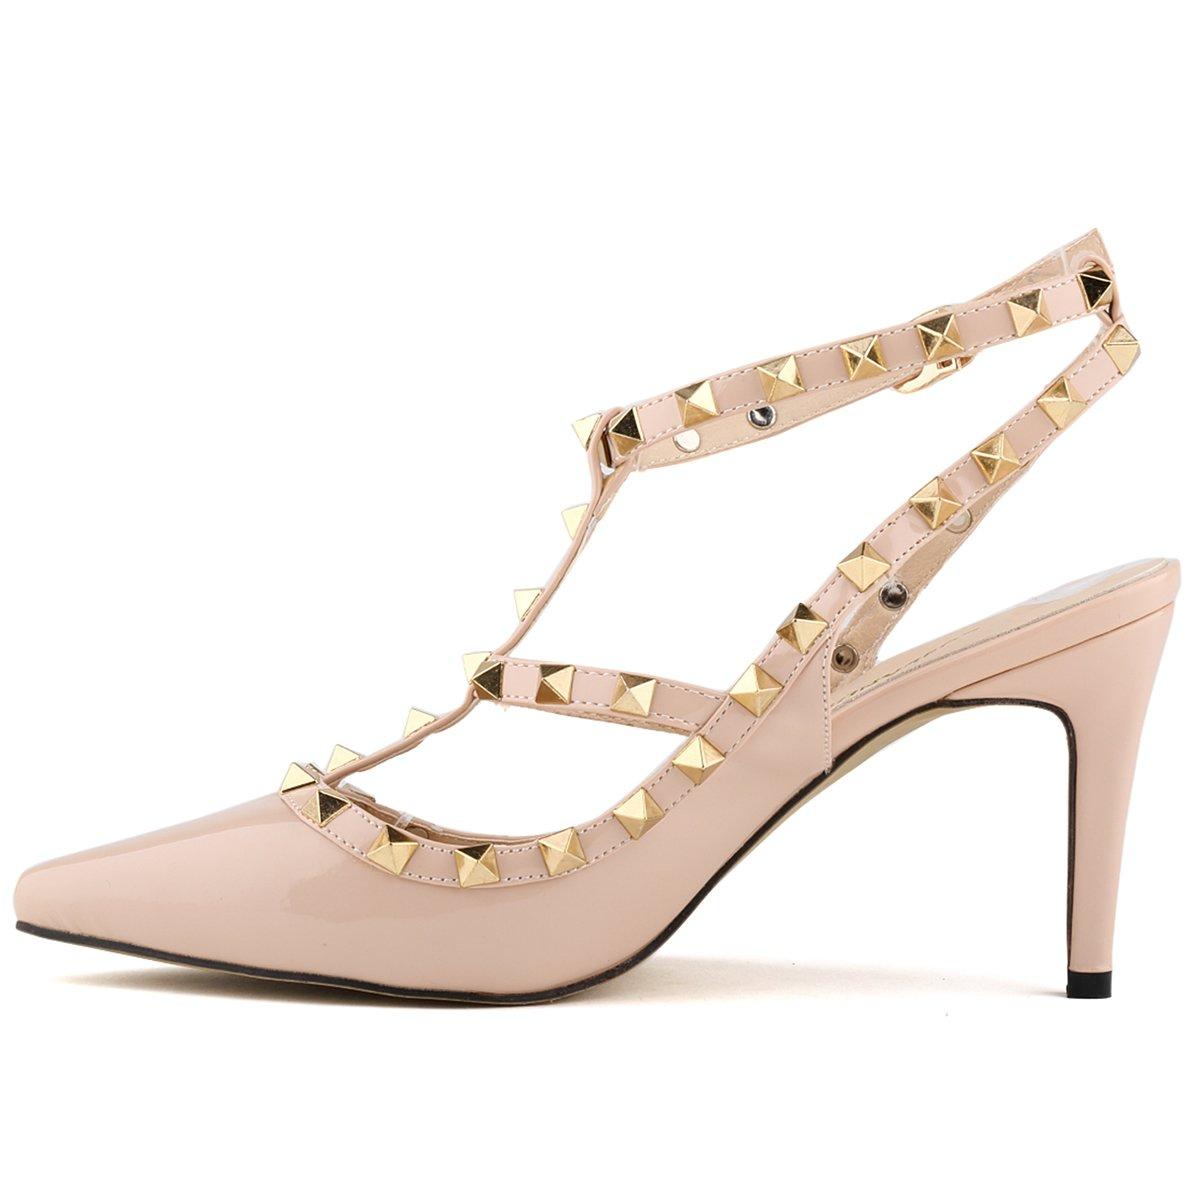 Nieten Pumps Damen Stilettos Sandaletten PU Leder Leder Leder Riemchen Pumps Party Schuhe Spitz 8cm Freizeit Knopf Sommer 98194f